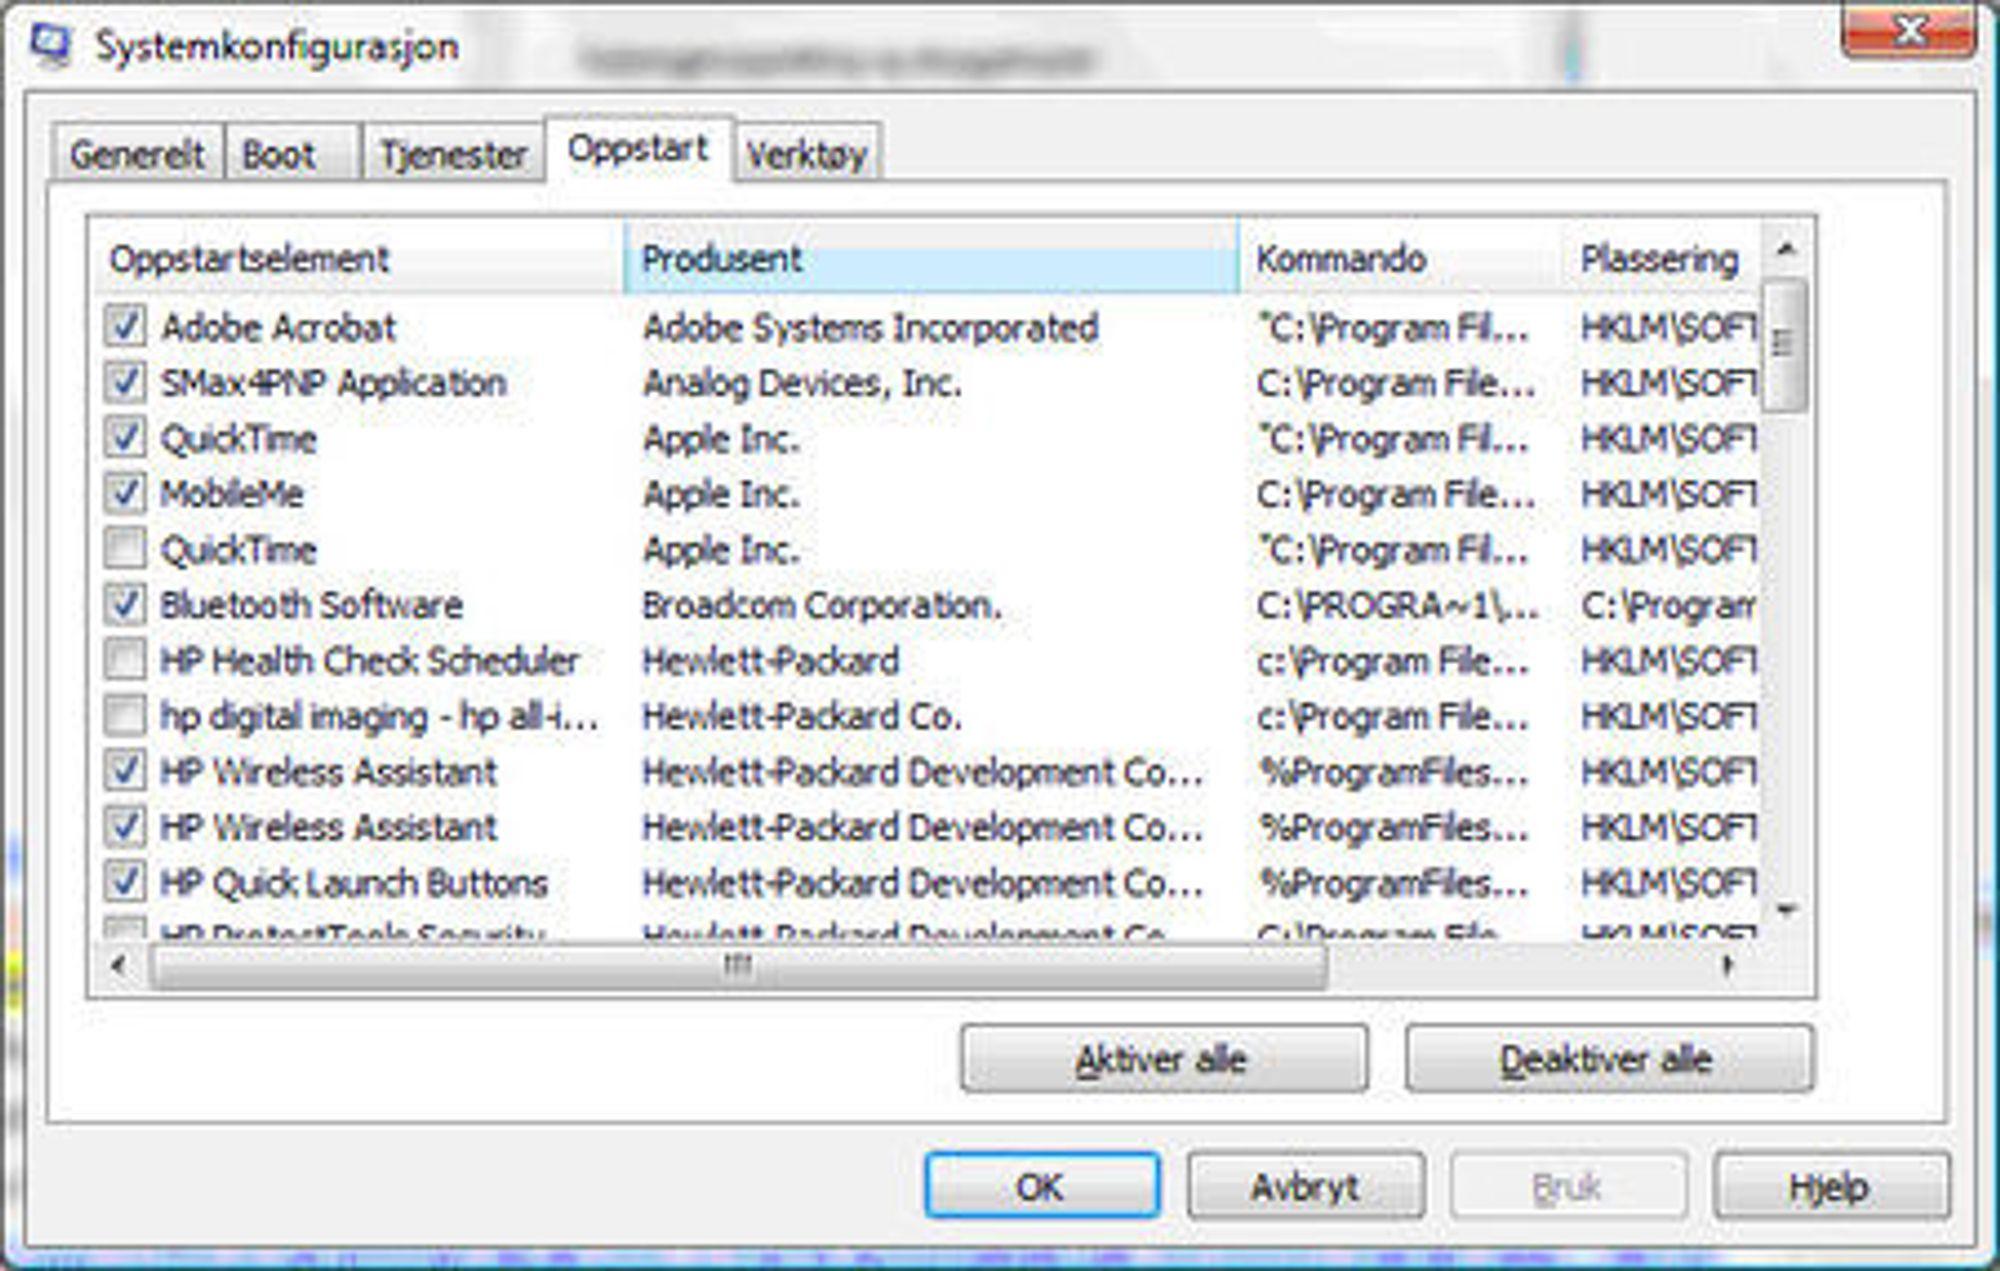 Mye som gjerne automatisk starter opp i Windows, kan med fordel startes ved behov i stedet. Fra Systemkonfigurasjon kan brukeren velge hva som automatisk skal starte opp.